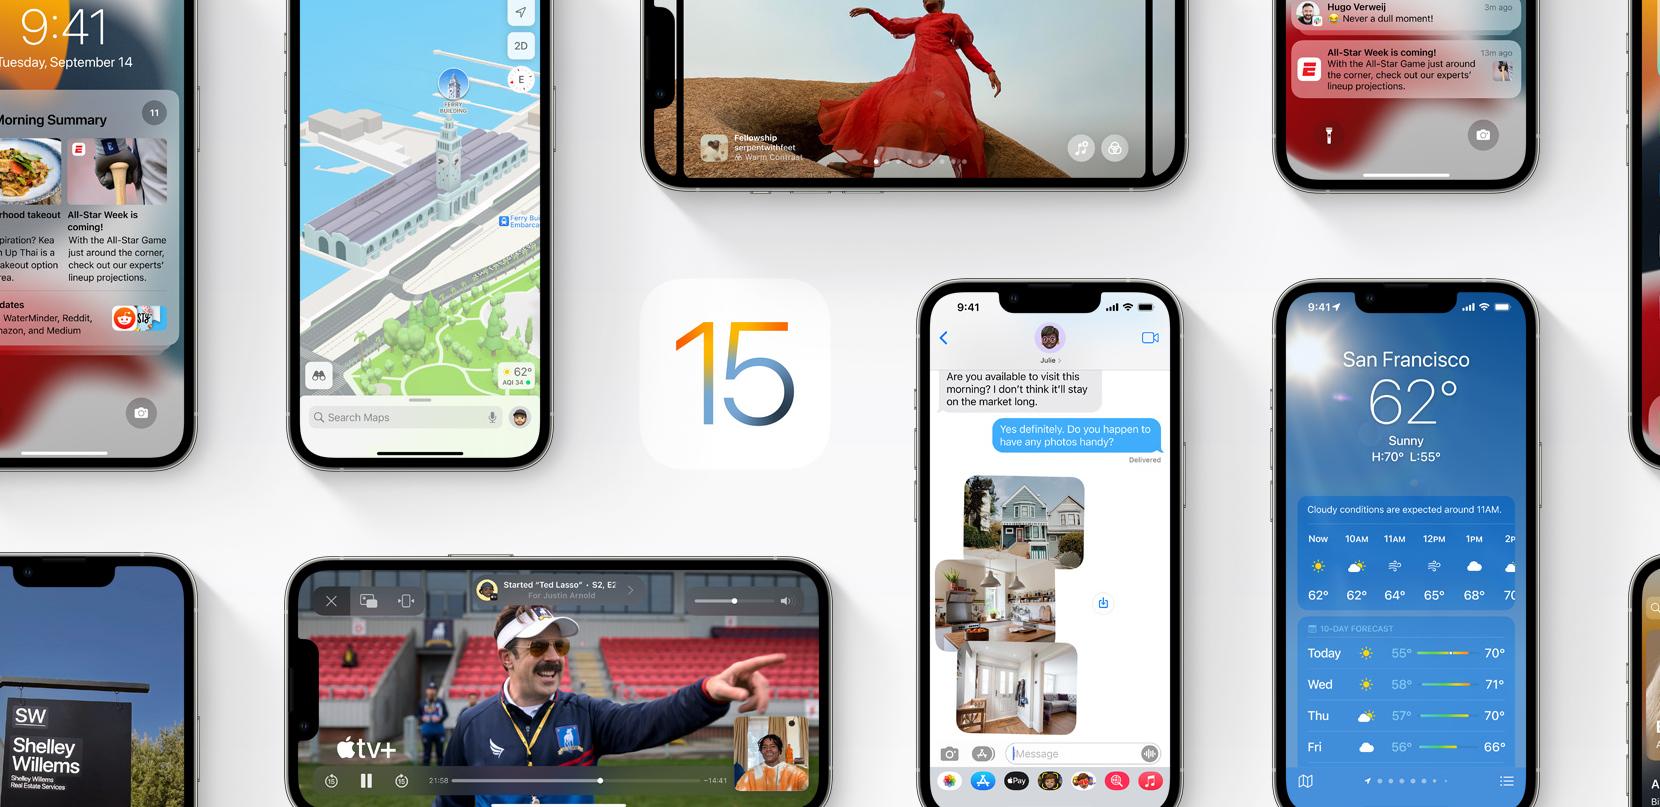 Milyen hosszú lett az új 13-as iPhone-ok üzemideje?